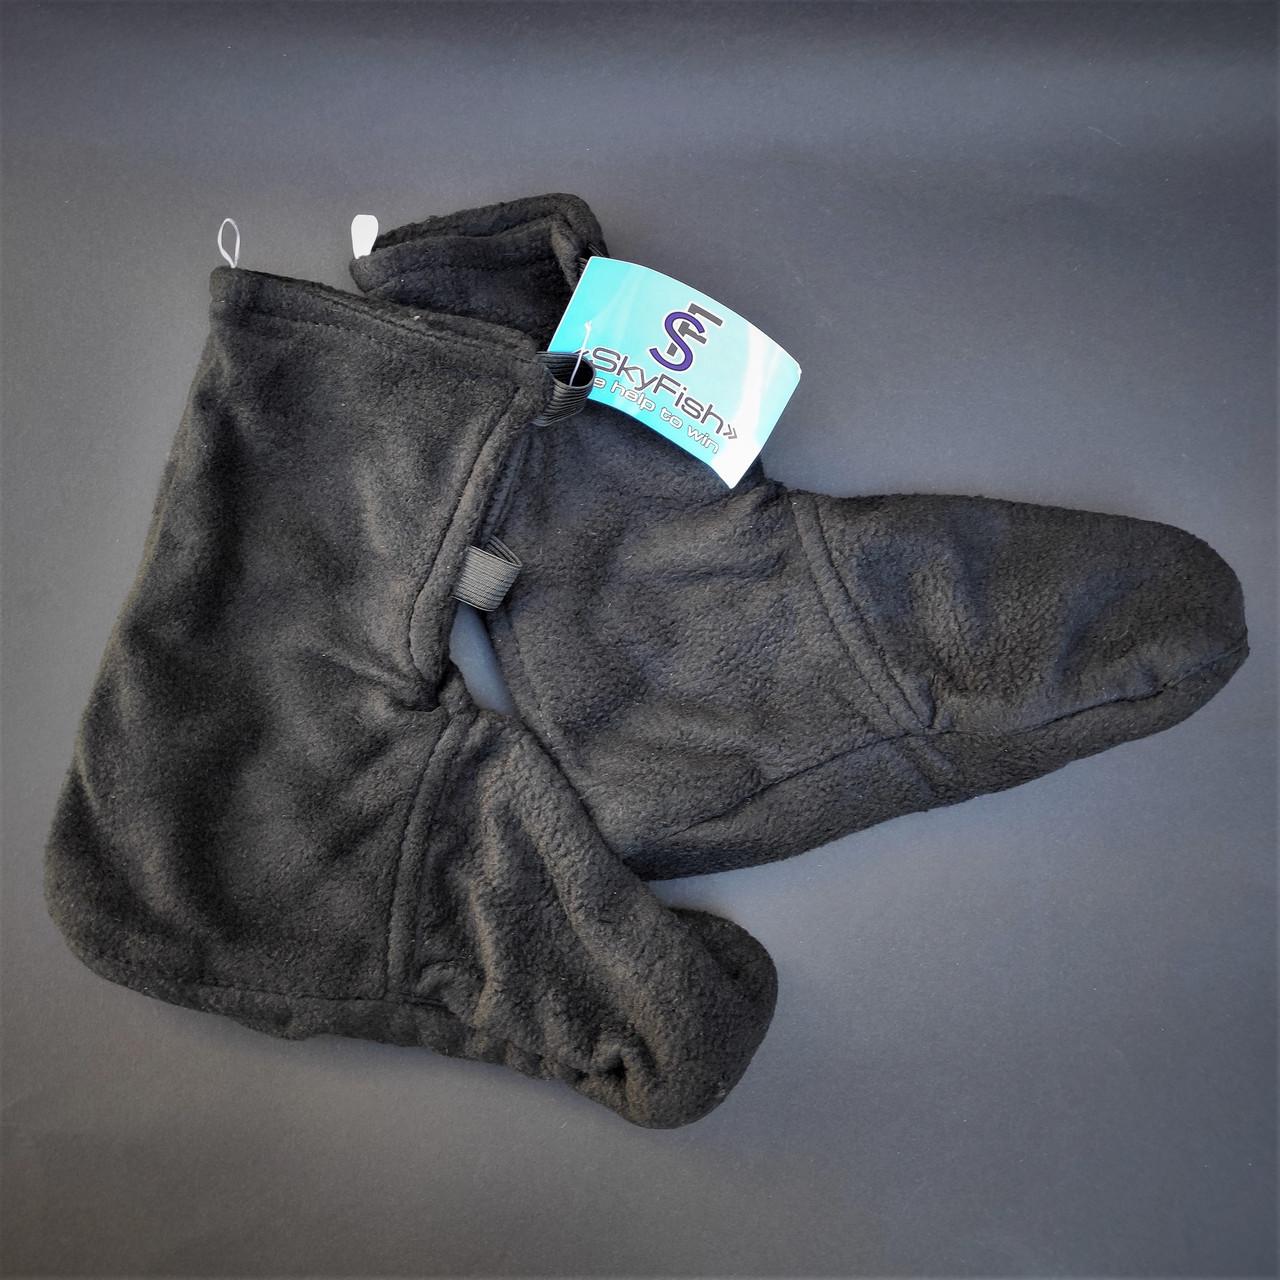 Шкарпетки-чуни флісові вставки в гумові чоботи теплі вкладиші для гумових чобіт ZEPMA Чорні (11088) M